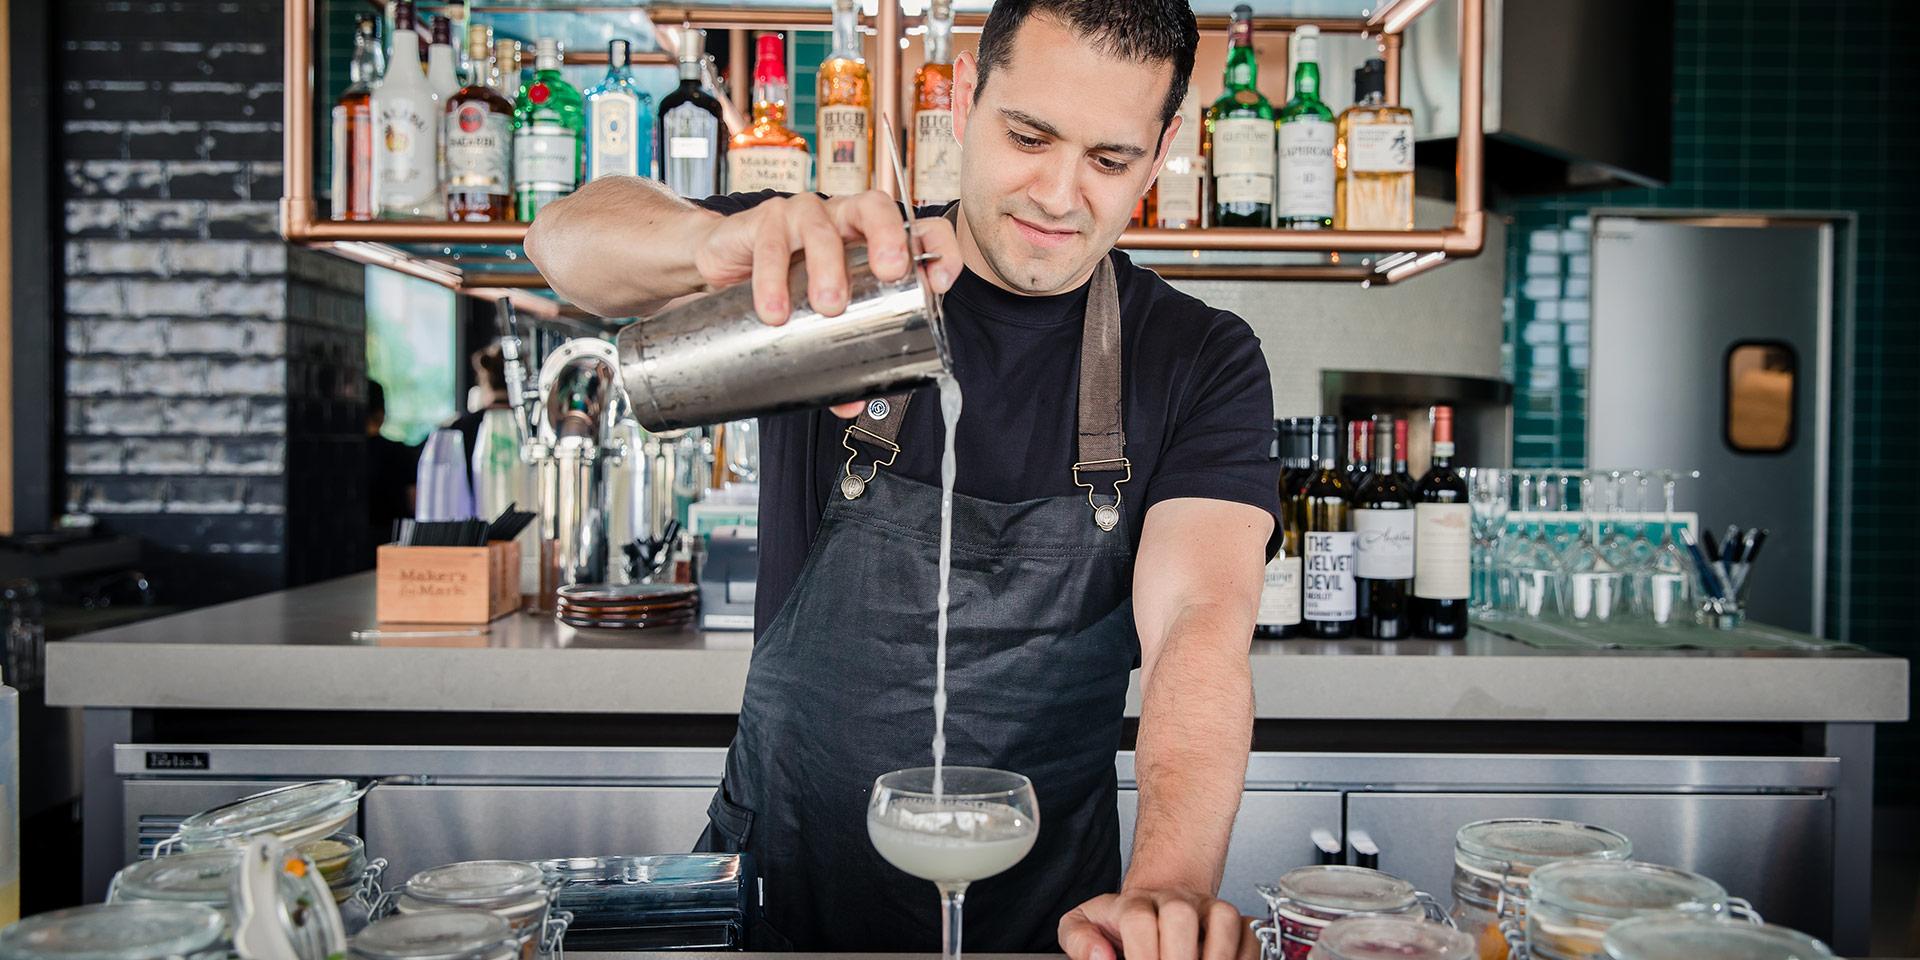 Bartender at an outdoor bar at a resort hotel